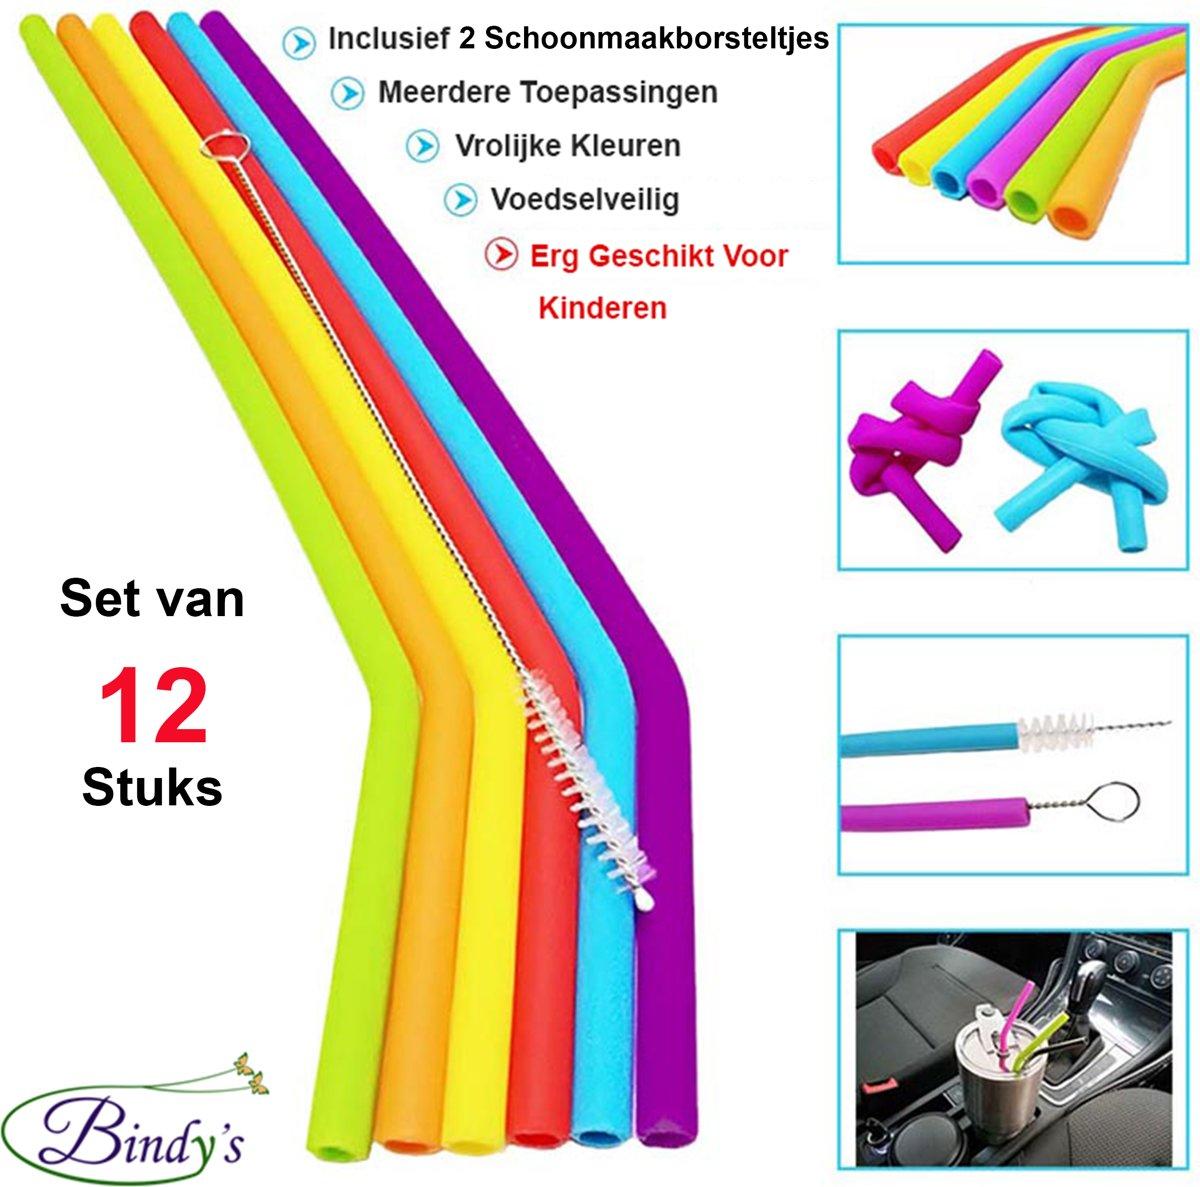 Herbruikbare Siliconen Rietjes - Set Van 12 – Met 2 Schoonmaakborsteltjes En Bewaarzakje – Vrolijke Kleuren – Ideaal Voor Kinderen